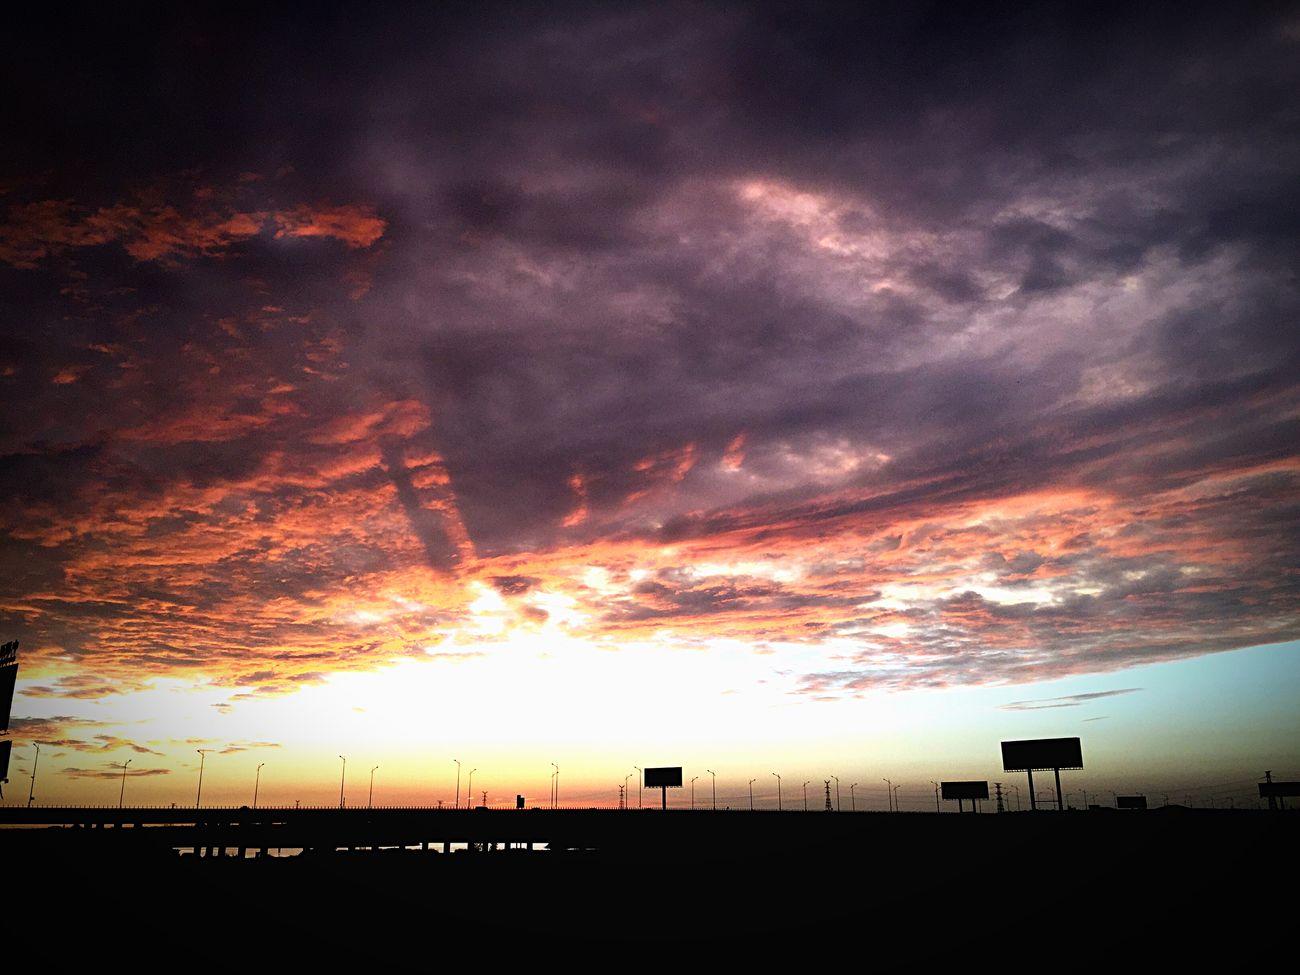 乌云压境,暗夜终将吞噬一切明光。